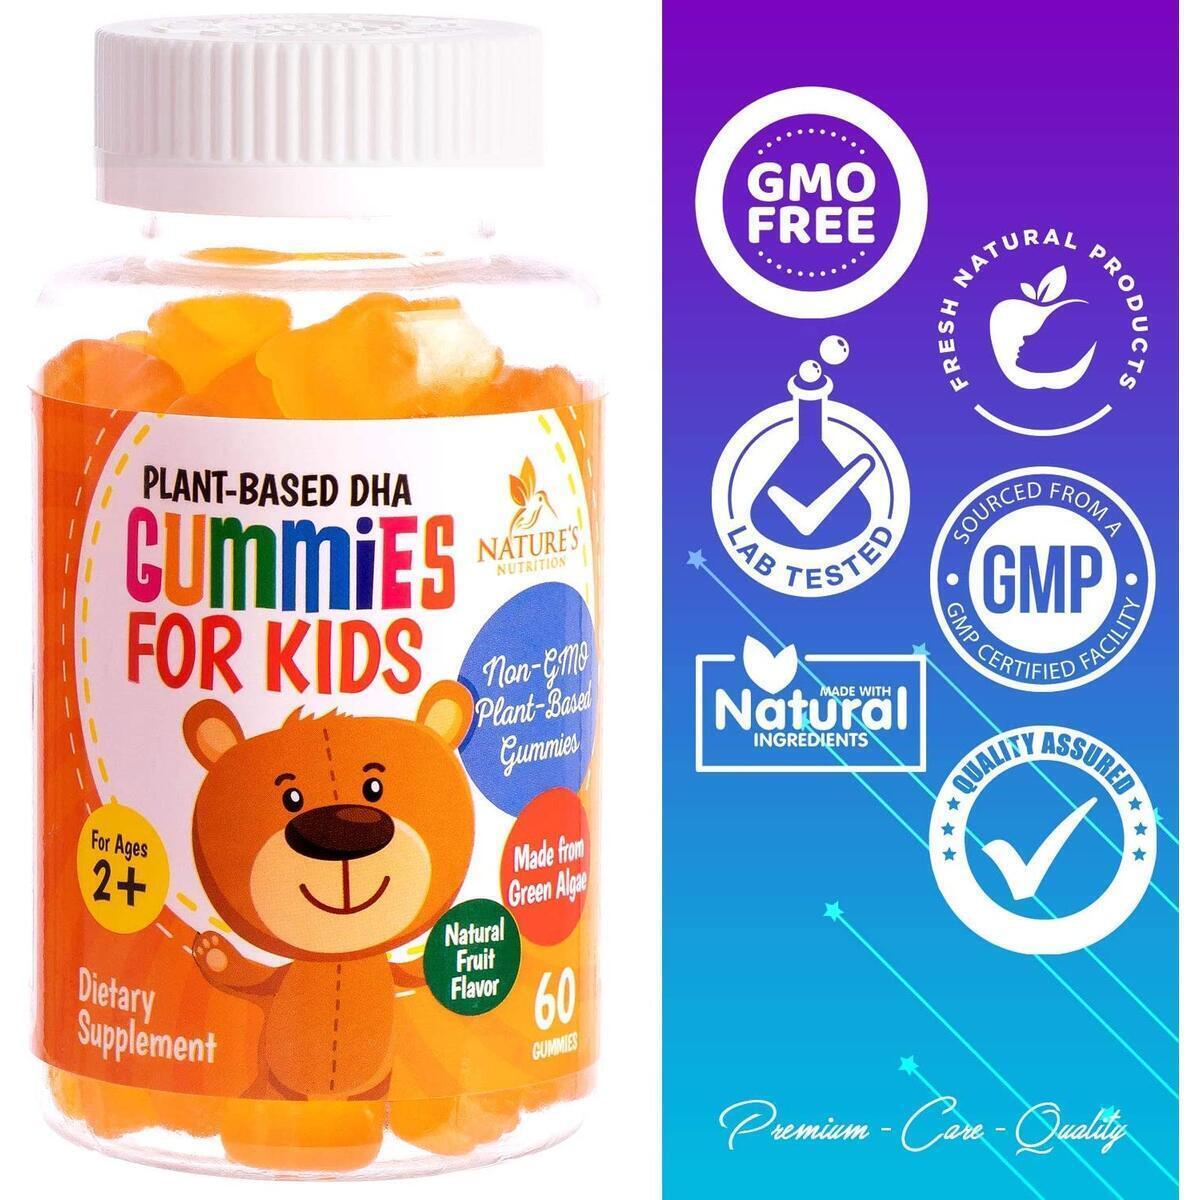 DHA Gummies for Kids - Children's Omega 3 DHA Gummy Fish Oil Supplement for Brain, Immune, Vision, and Heart Support - Best Vegan Plant Based DHA Vitamin, Lemon Flavor - 60 Gummy Bears